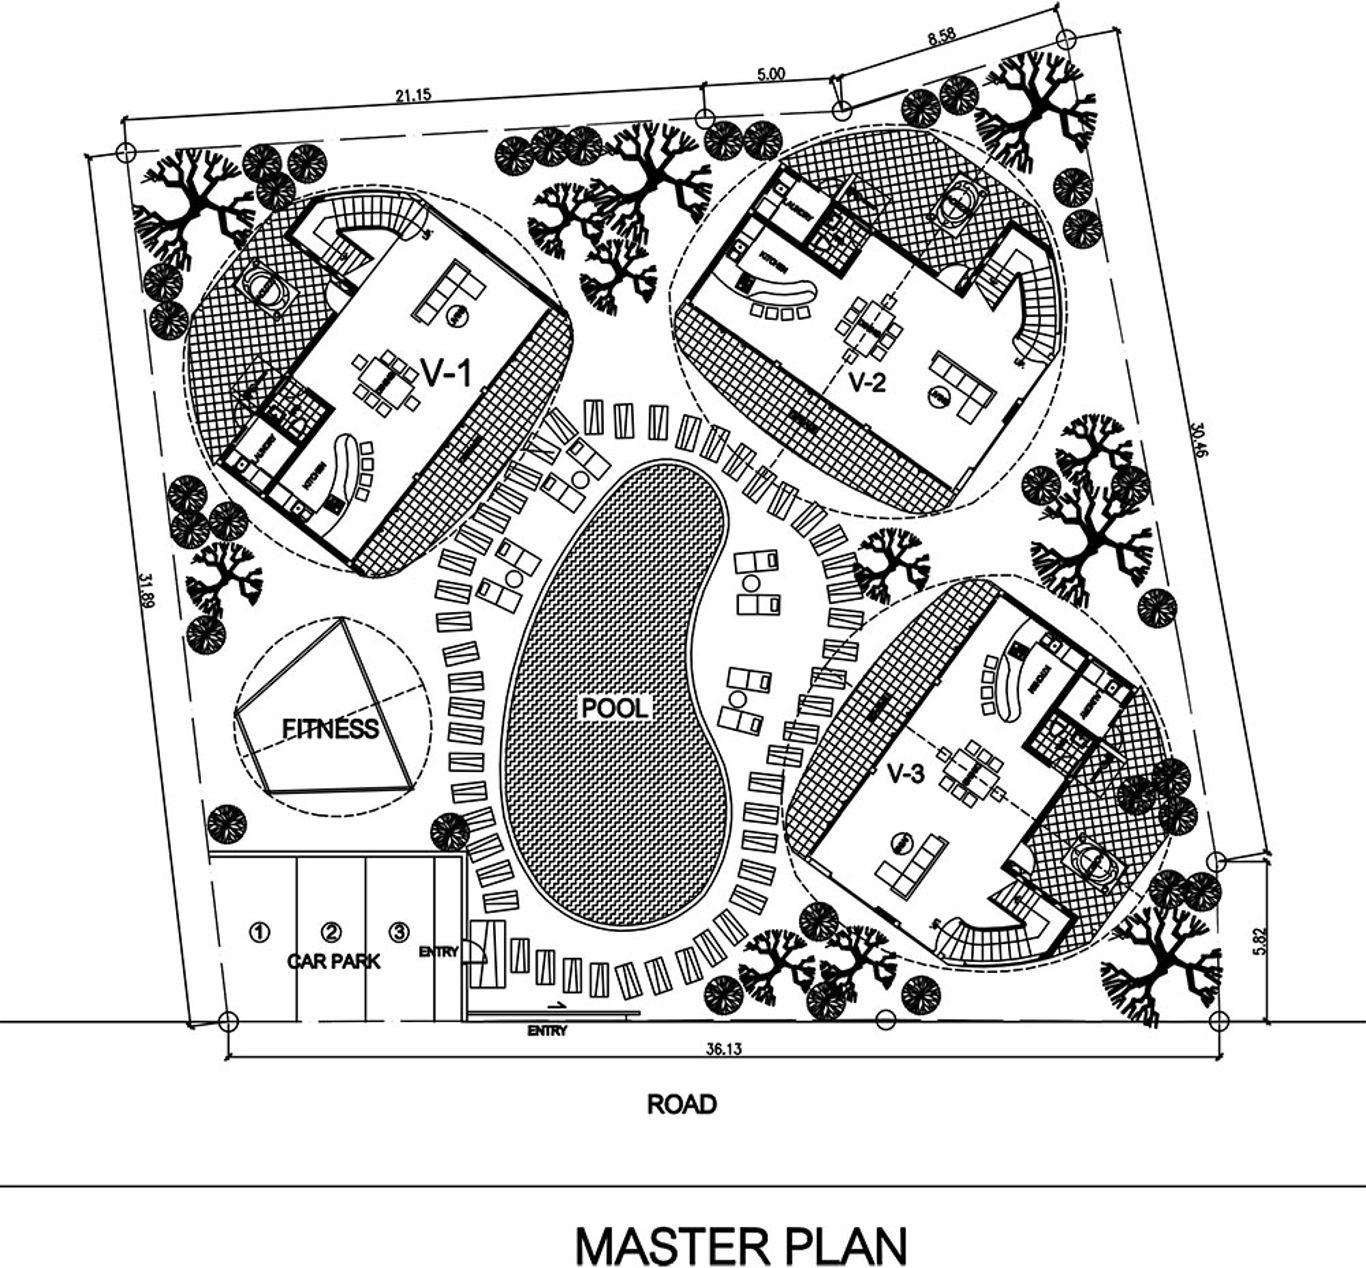 Phuket Holiday Services Kata Cove Master Plan